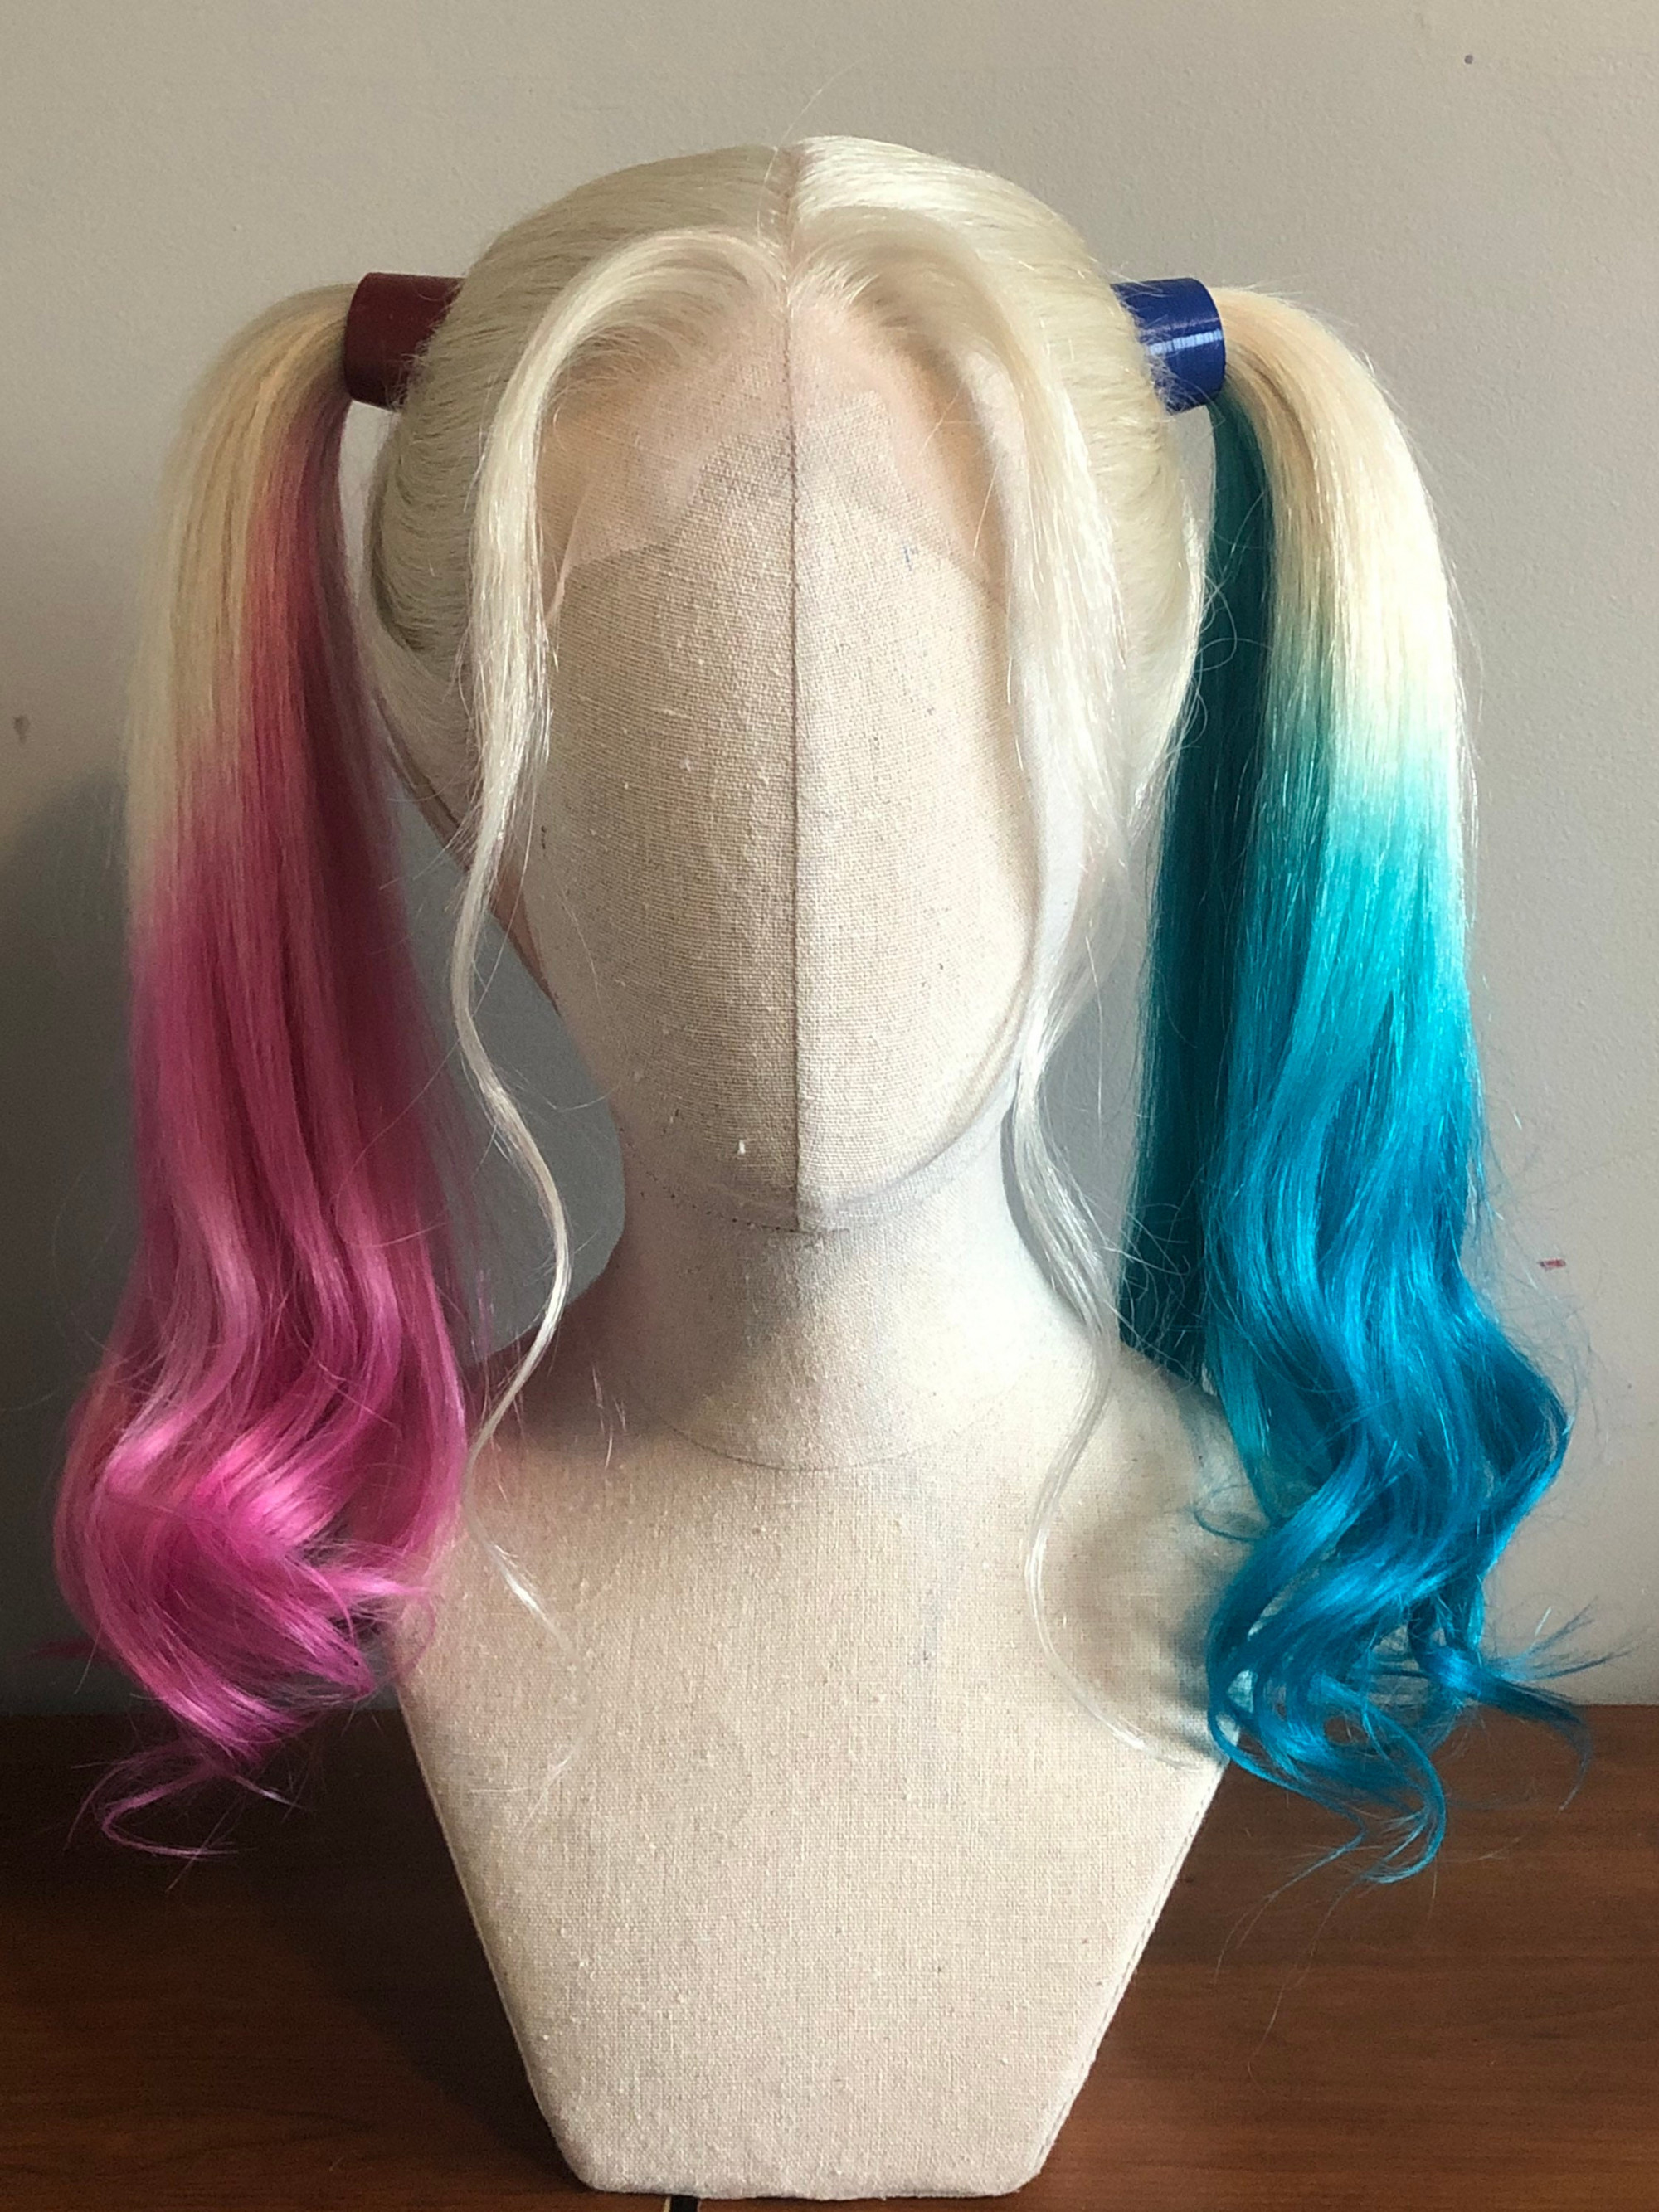 Bộ tóc giả của nhân vật Harley Quinn được bán với giá 27 USD.